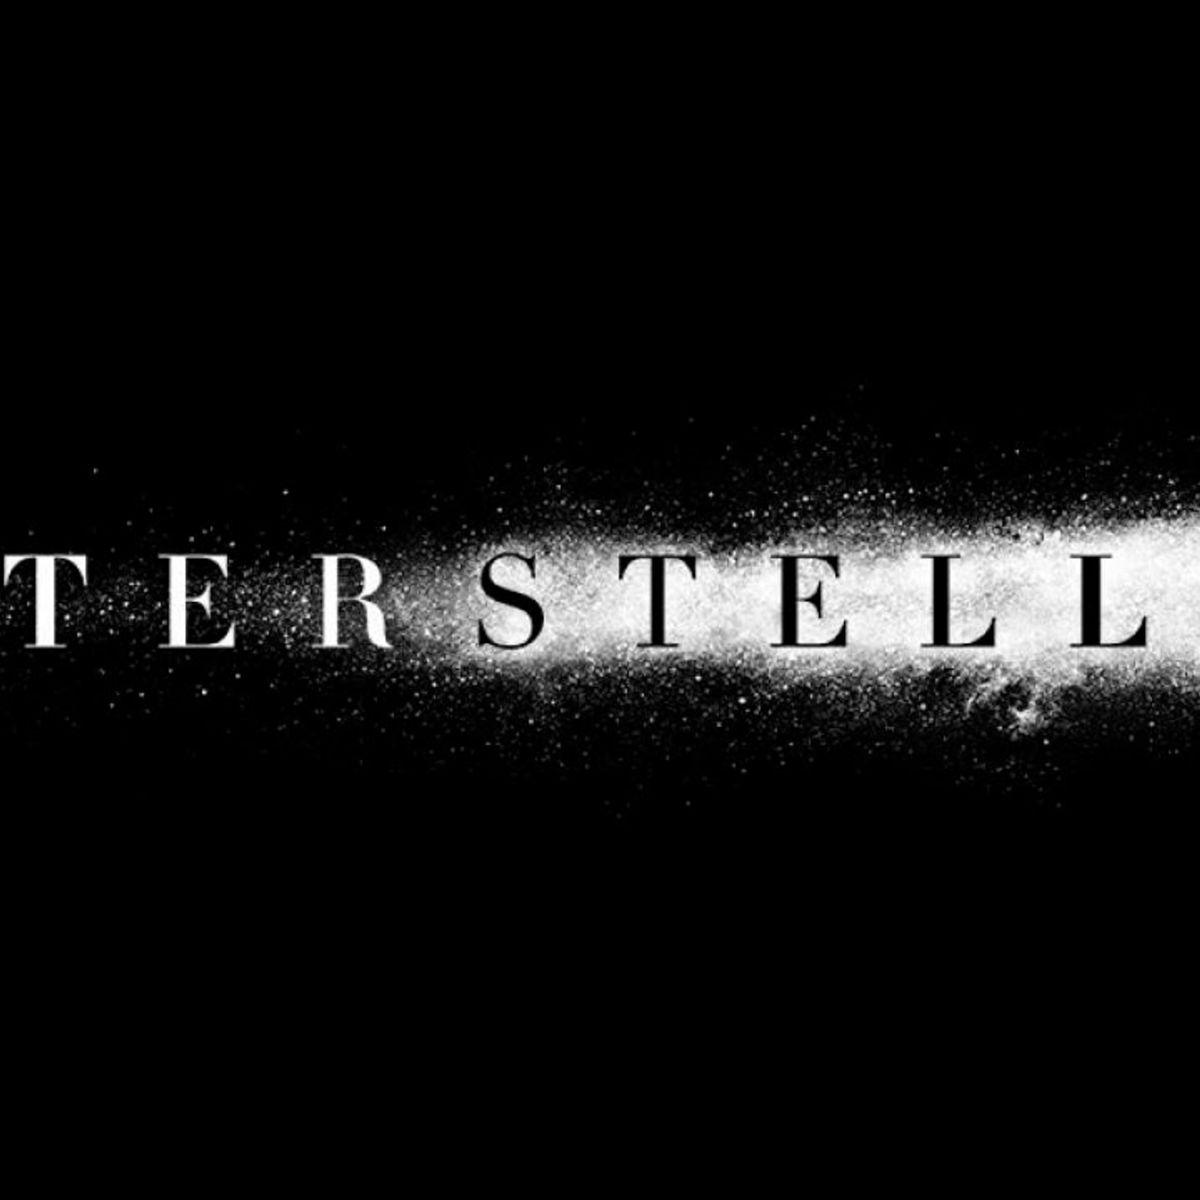 Interstellar logo.jpg